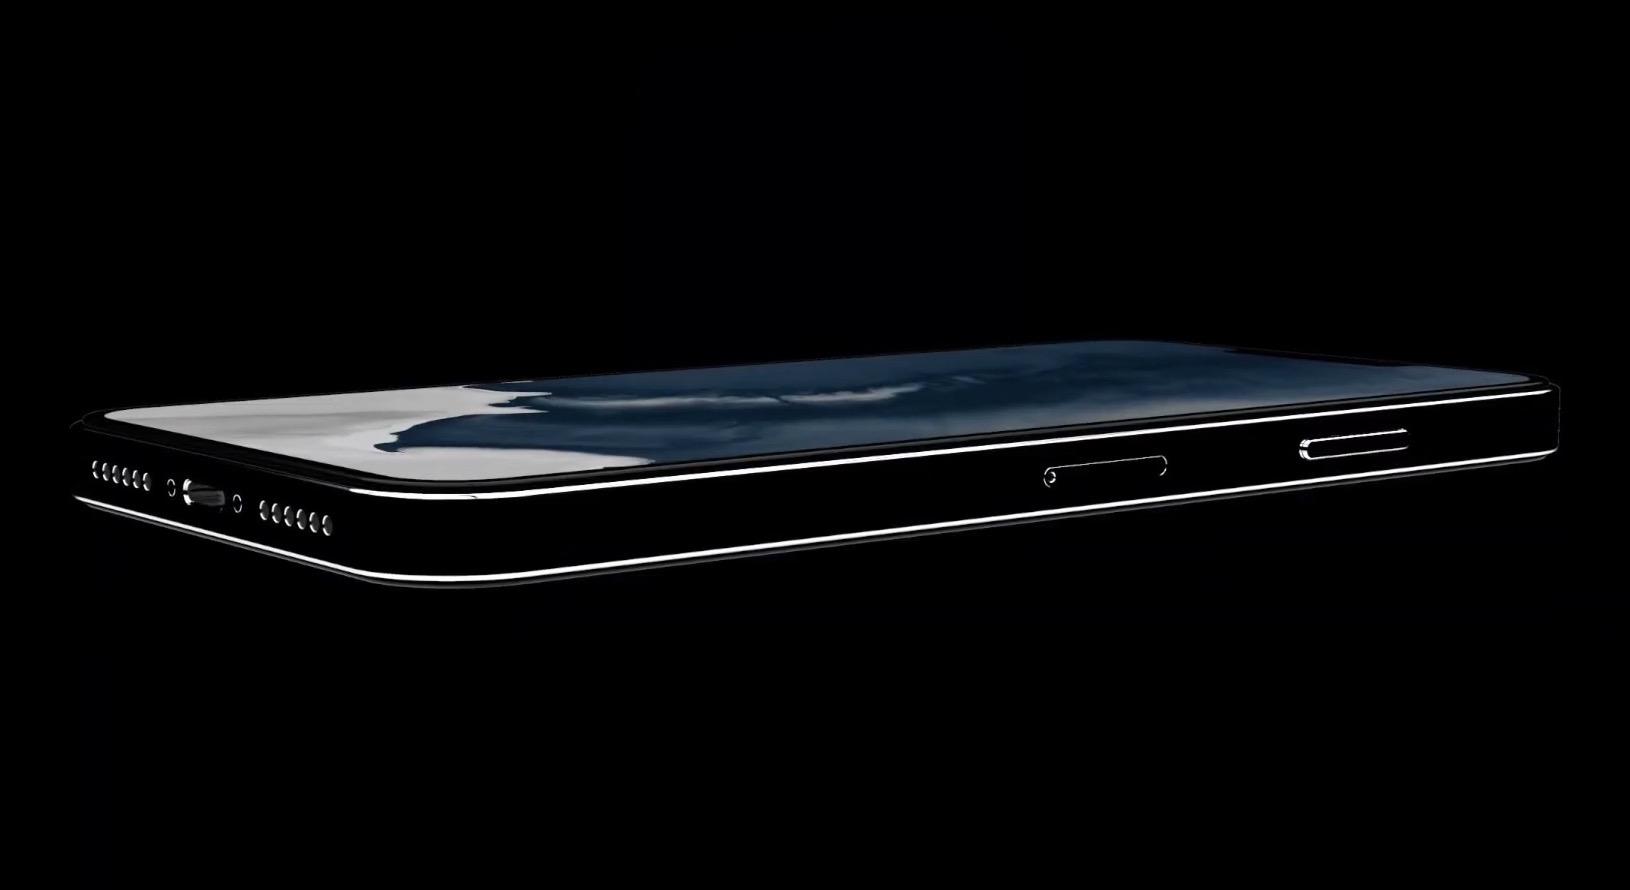 Le retour du Touch ID sur iPhone 2019 ? Au moins dans ce concept (vidéo) 1